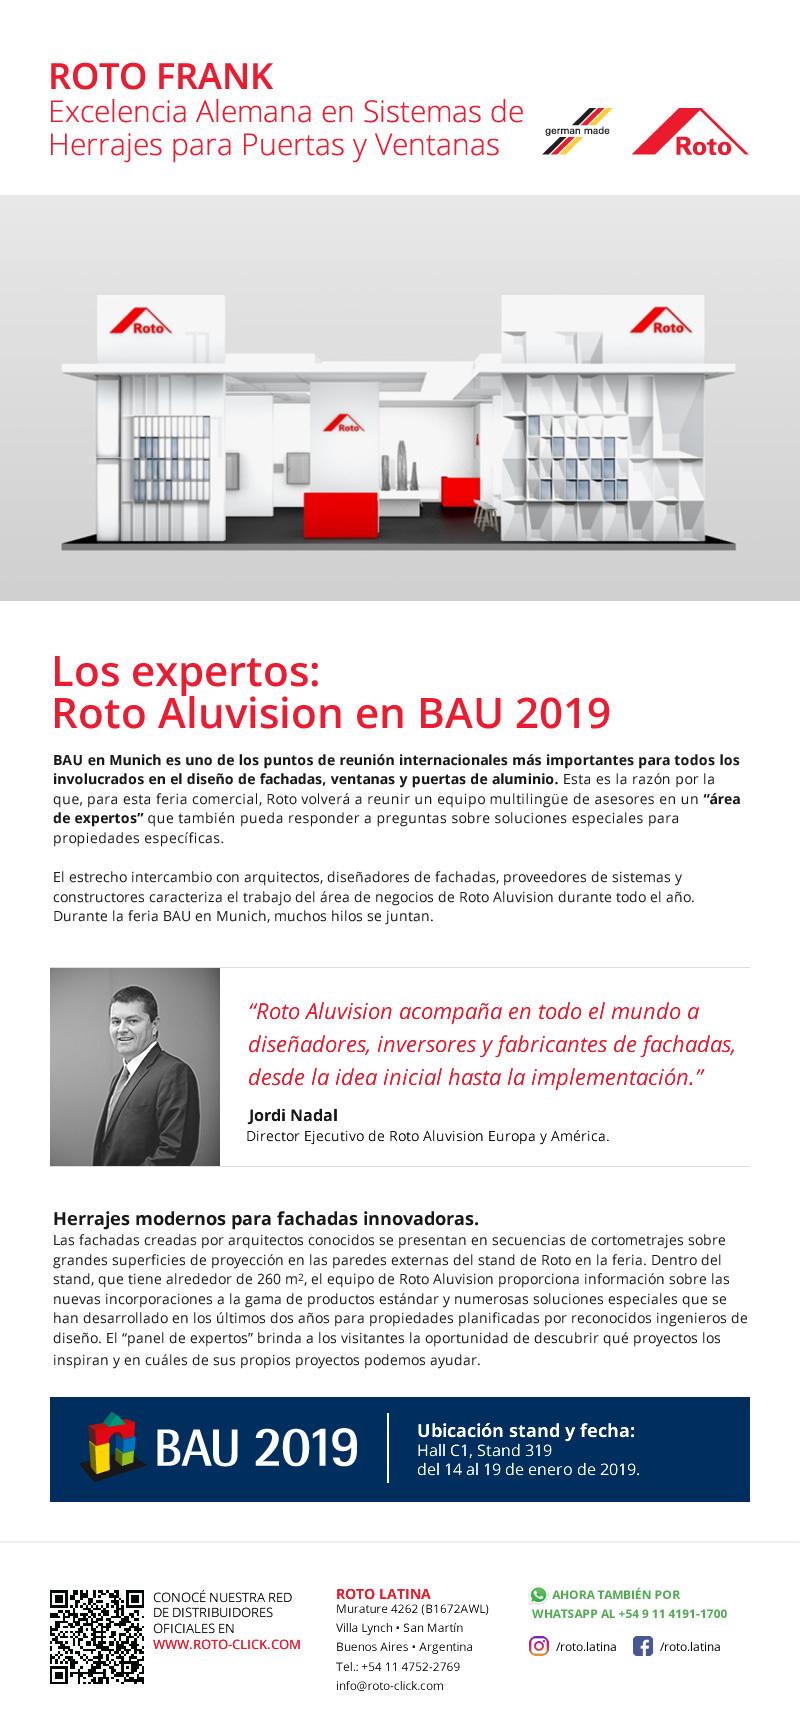 Novedades Noviembre 2018 Roto Frank - Roto Aluvision en BAU 2019.